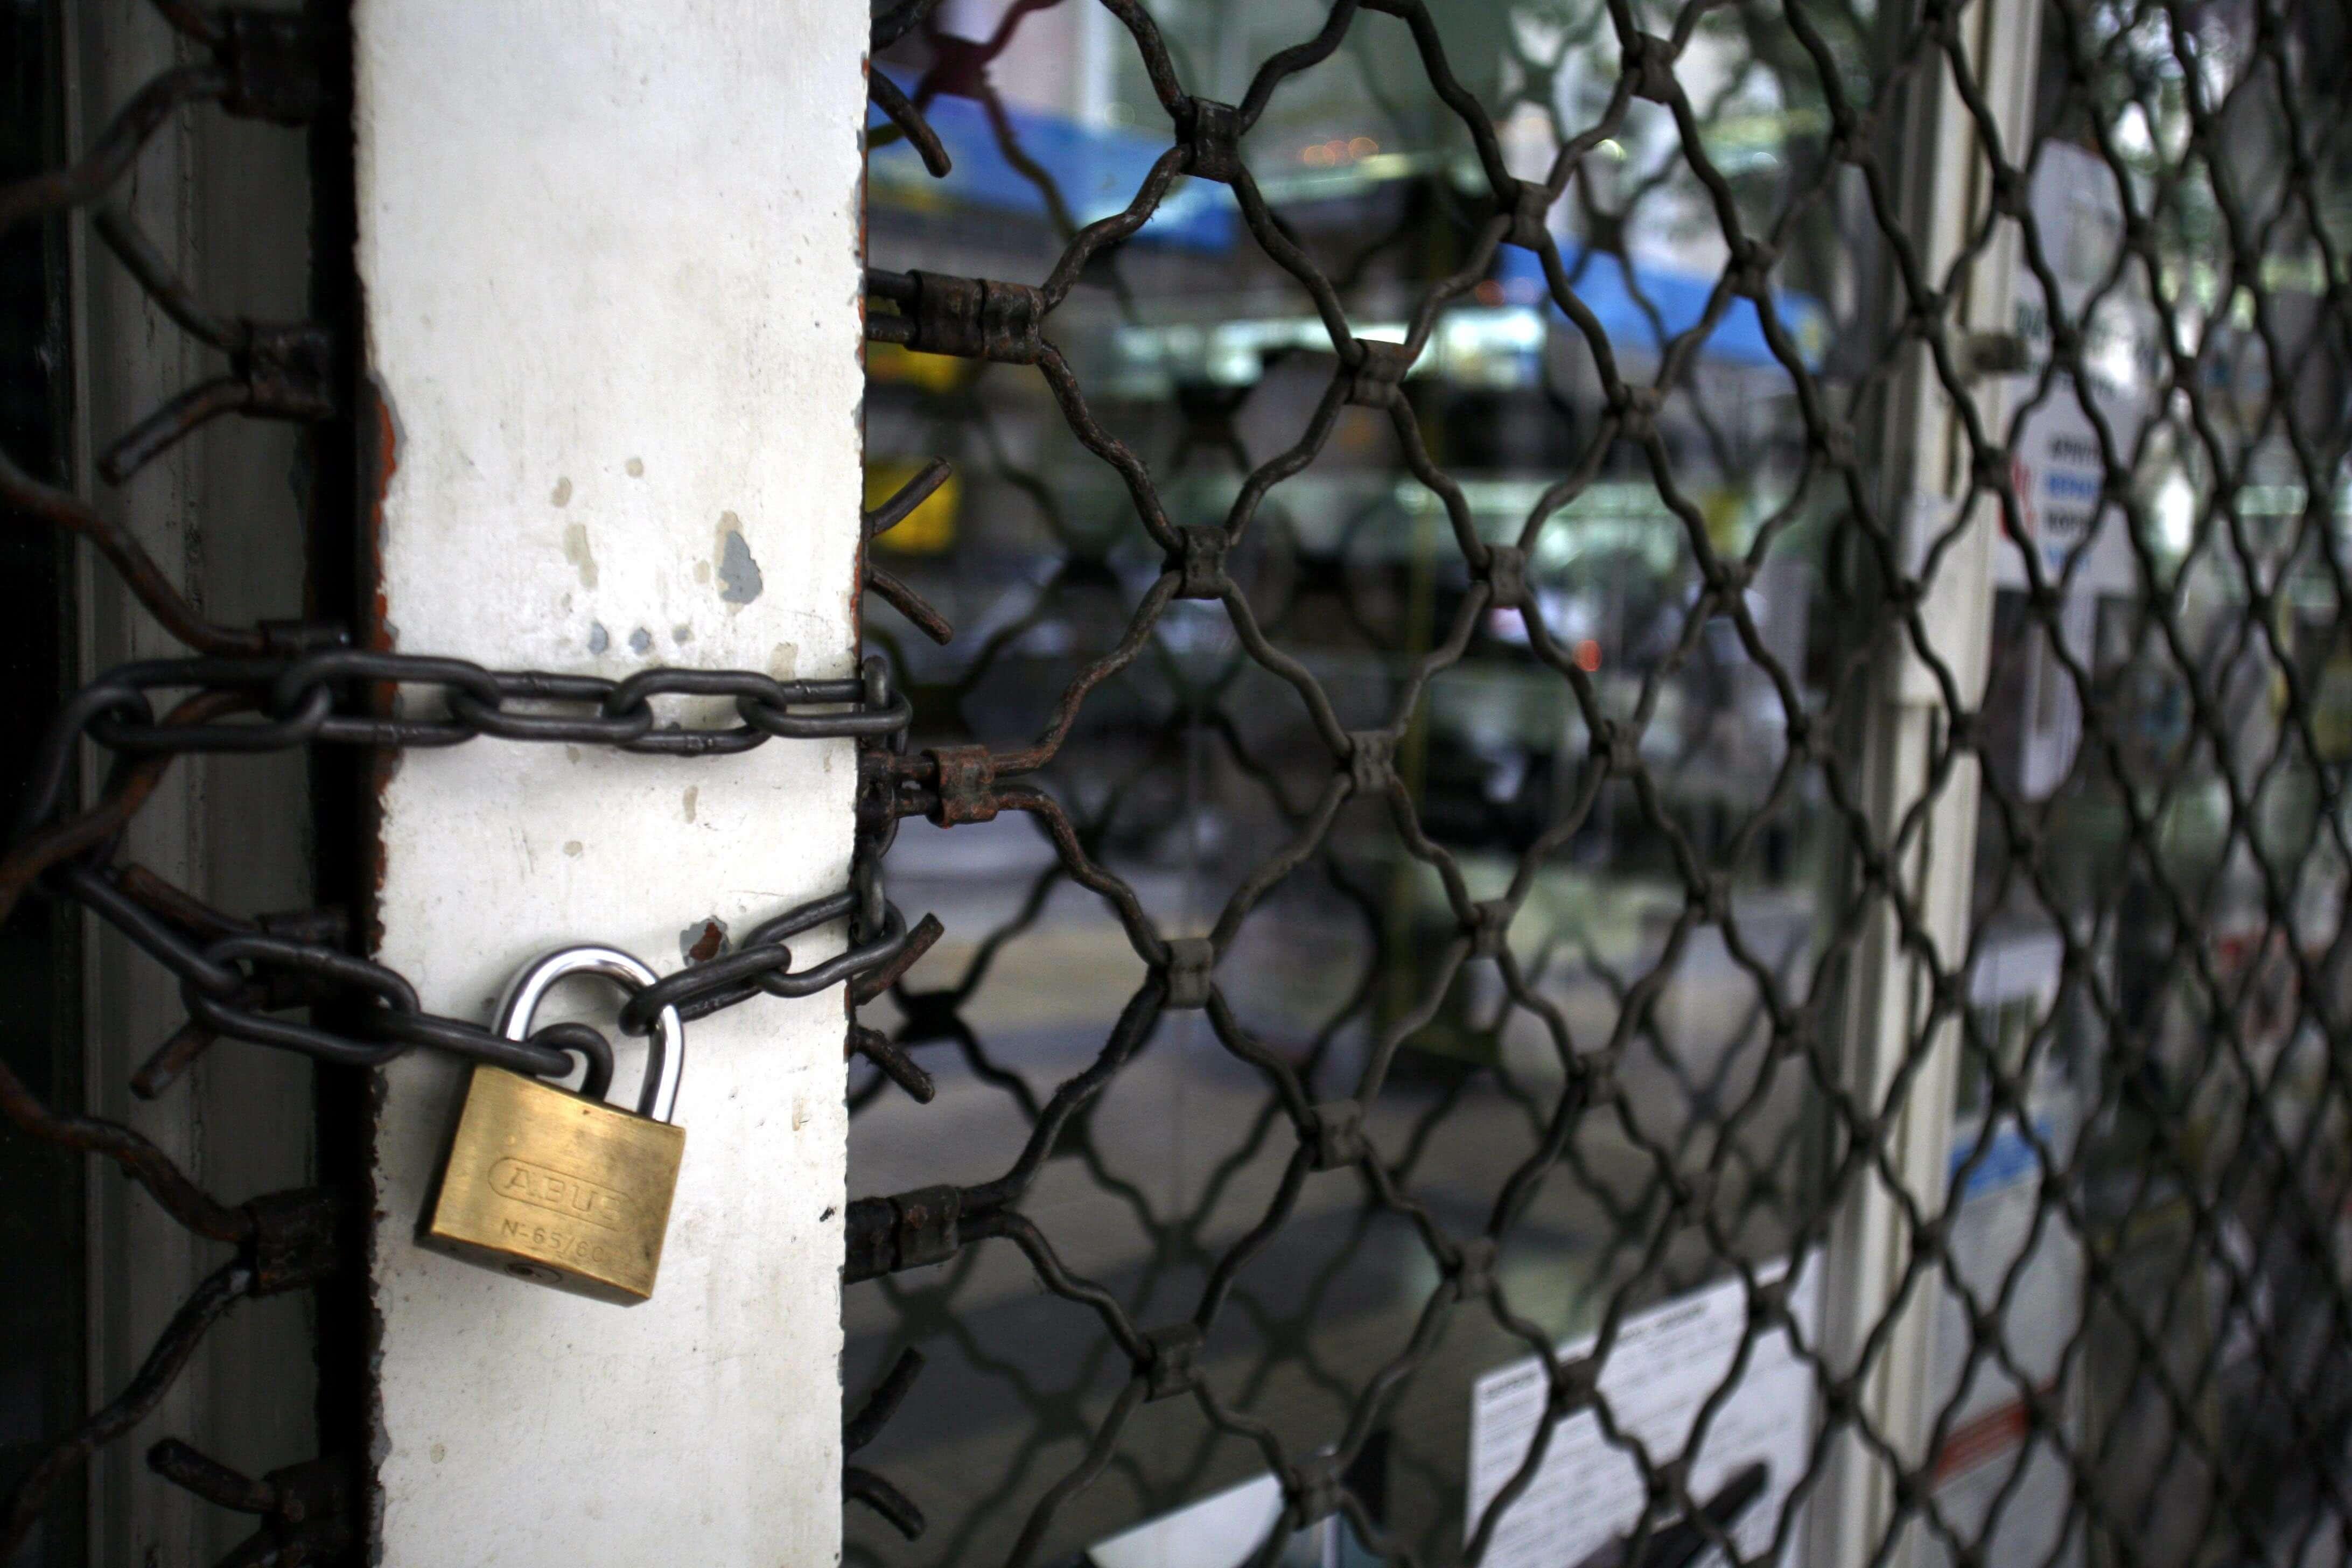 Χανιά: Άνοιξε το κατάστημα εν μέσω lockdown, έφαγε πρόστιμο και… ξανάνοιξε! Το απίστευτο περιστατικό